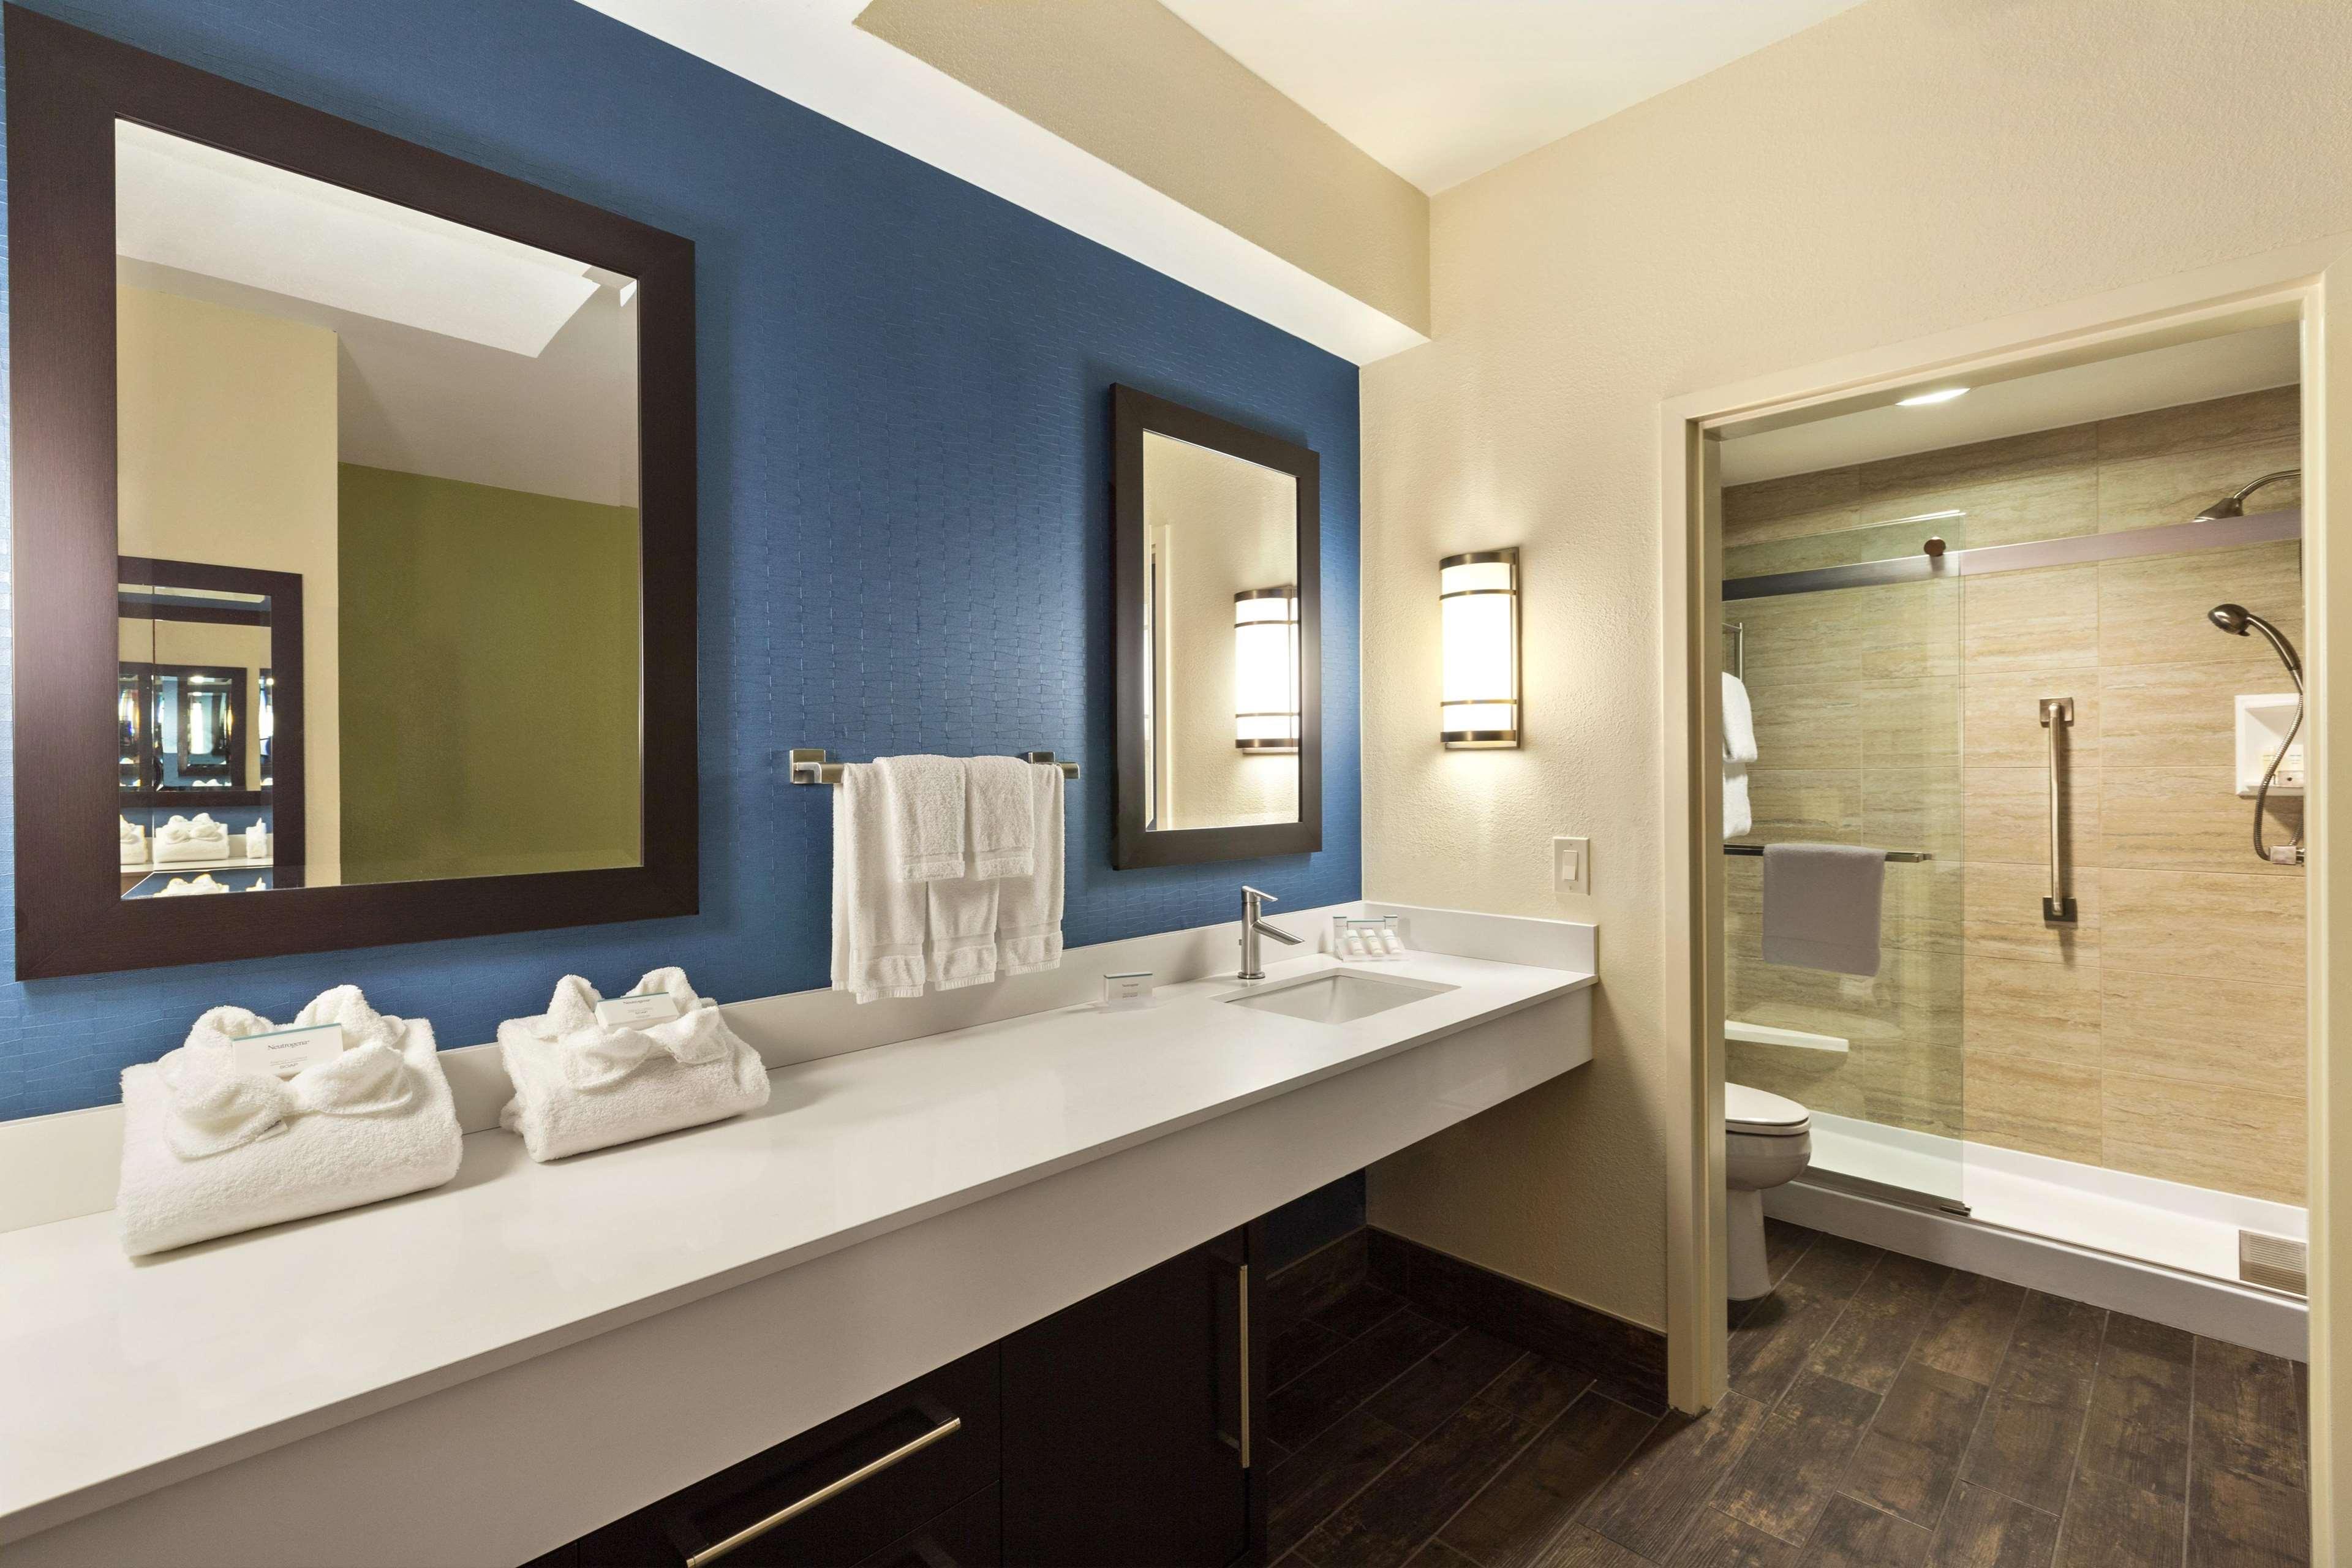 Hilton Garden Inn Houston NW/Willowbrook image 27